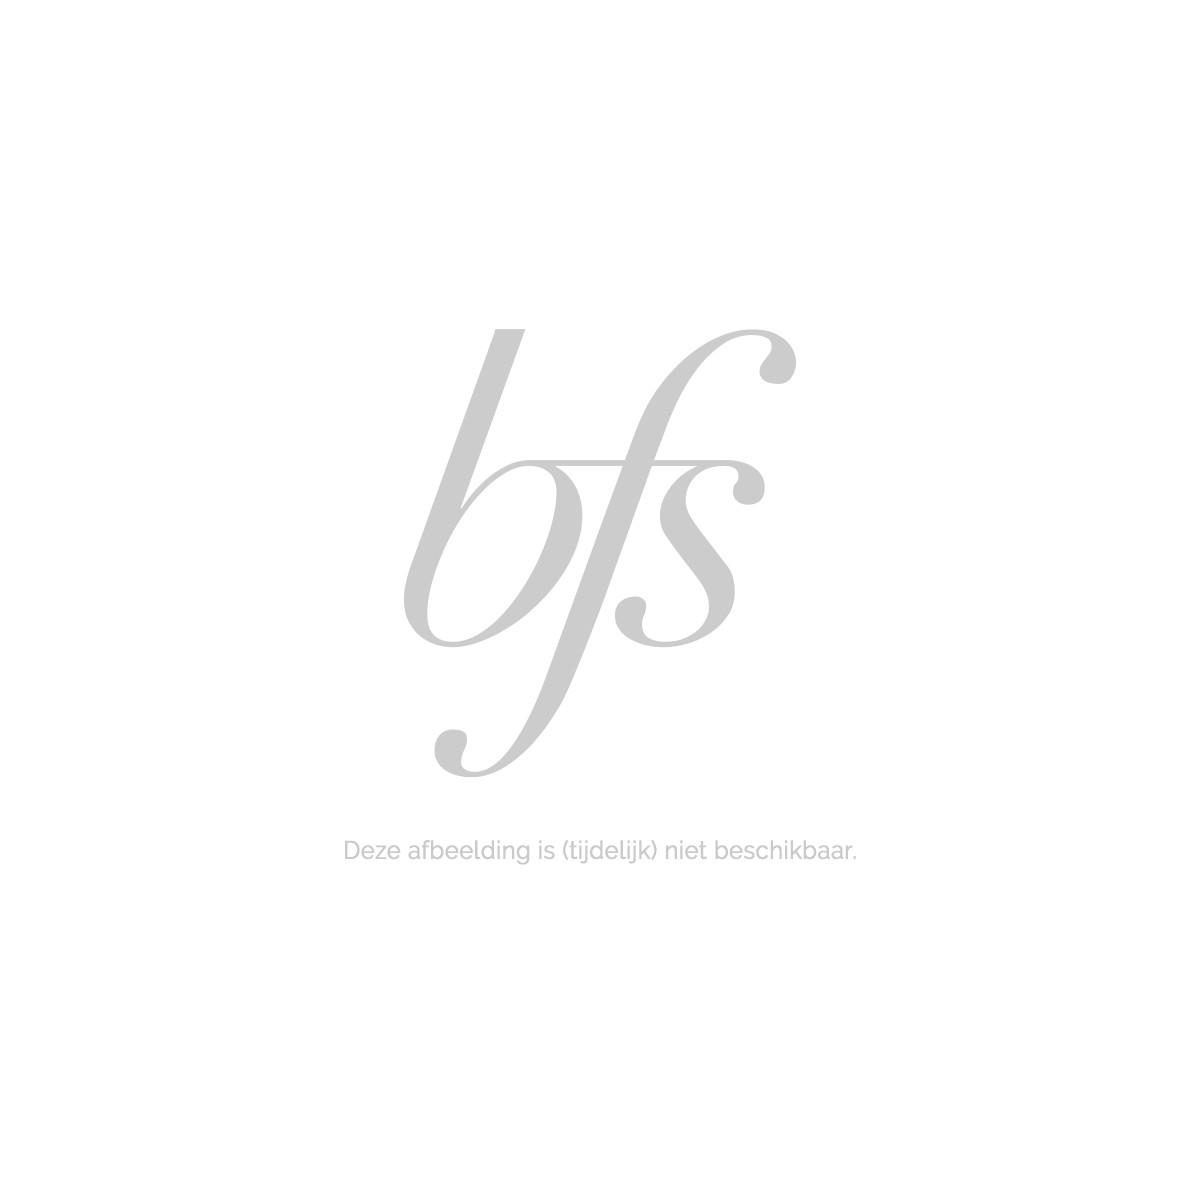 Nordics Biologische Bamboe Katoen Wattenstaafjes Wit 100% Afbreekbaar